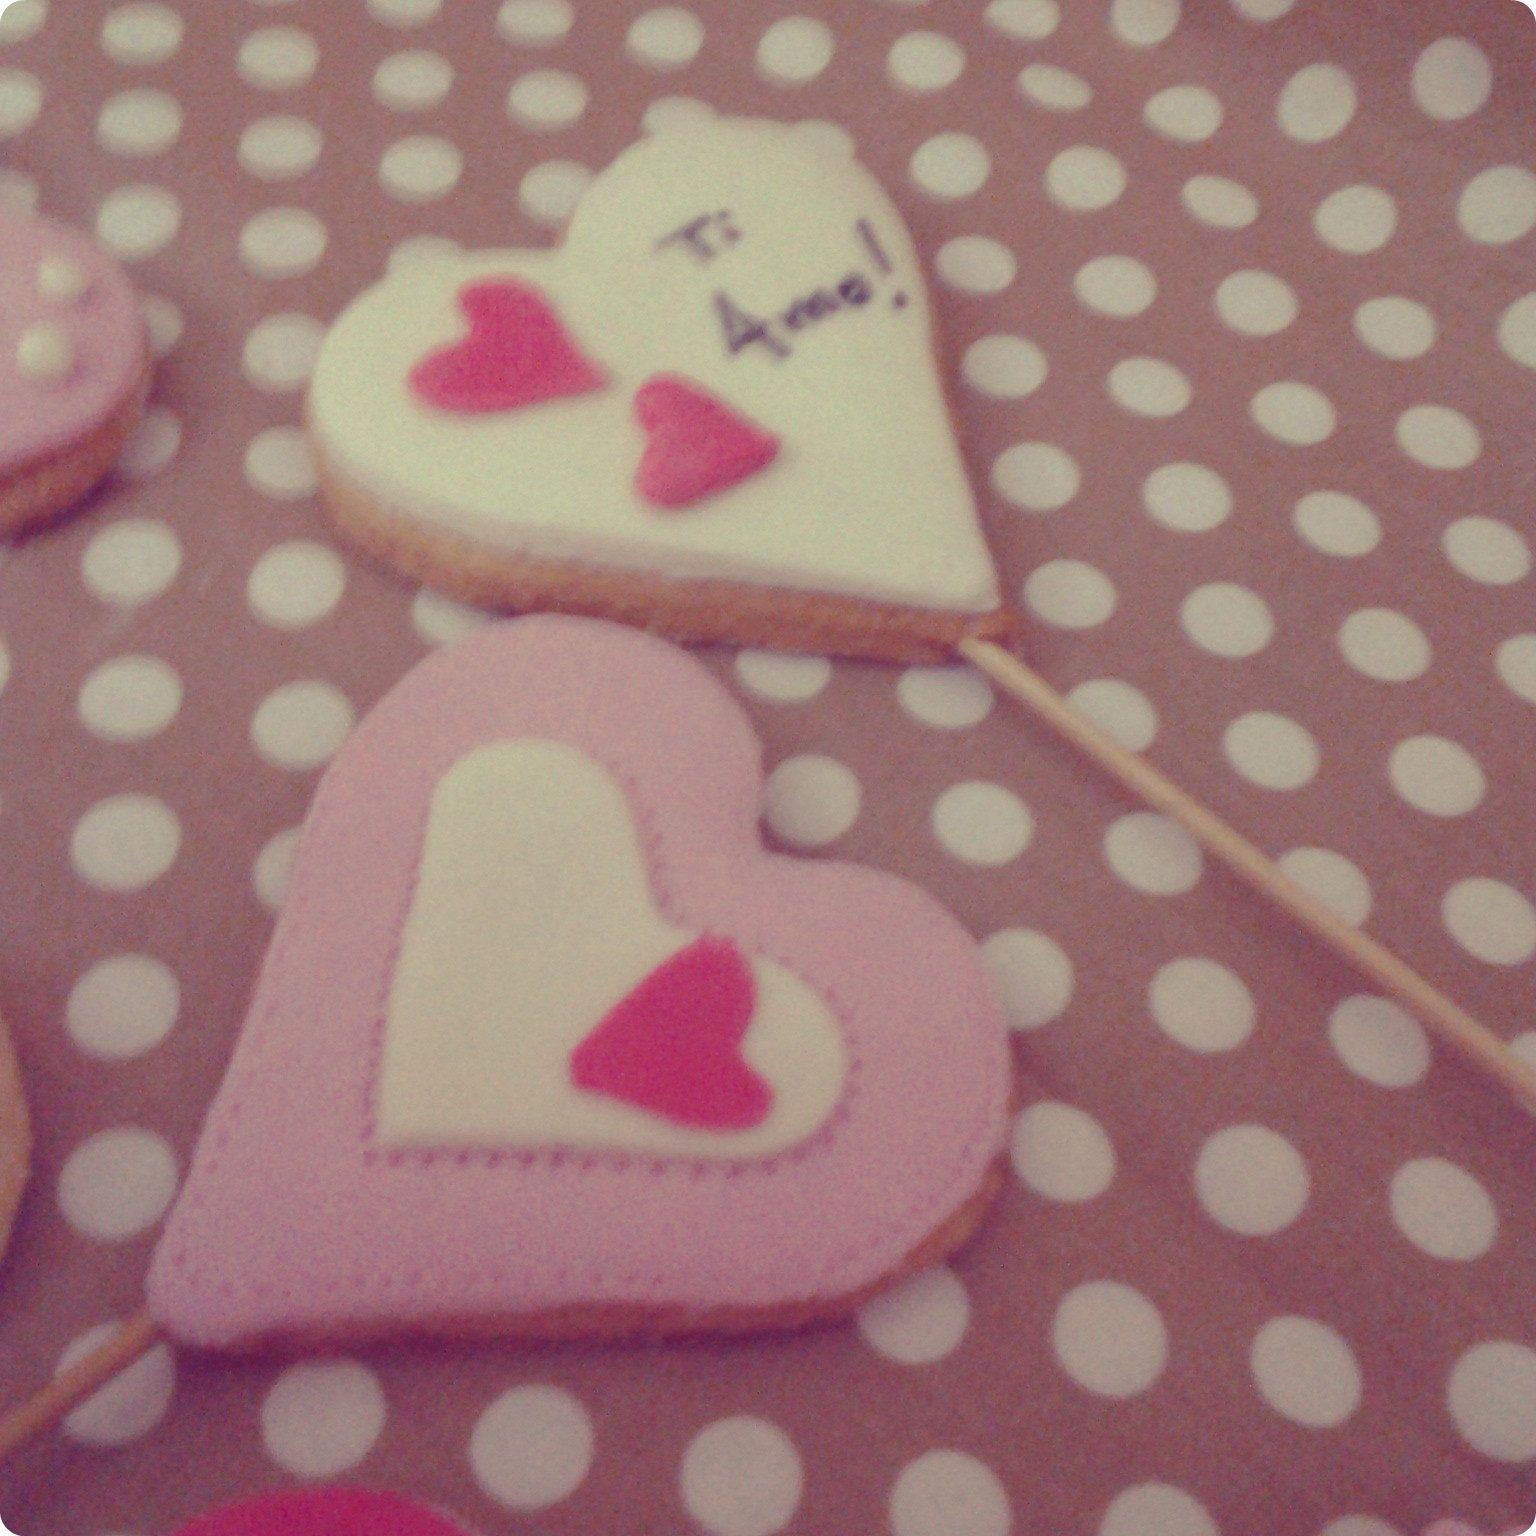 #biscotti #amore #cuore #sanvalentino